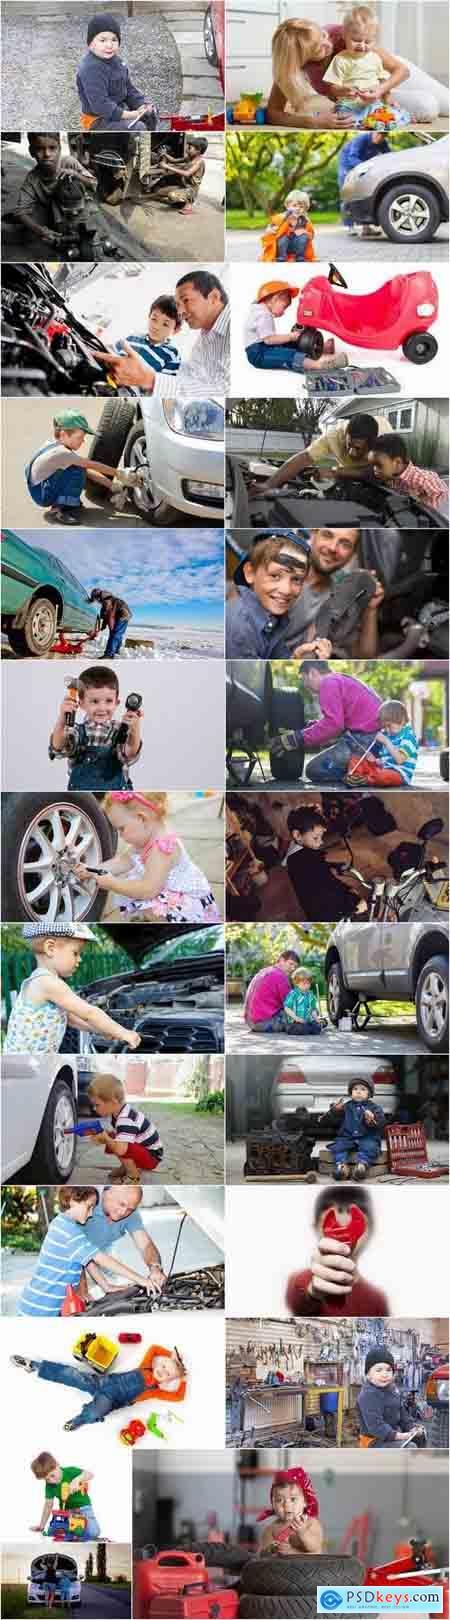 Baby mechanic body shop car repair bicycle tool breakage fault 25 HQ Jpeg